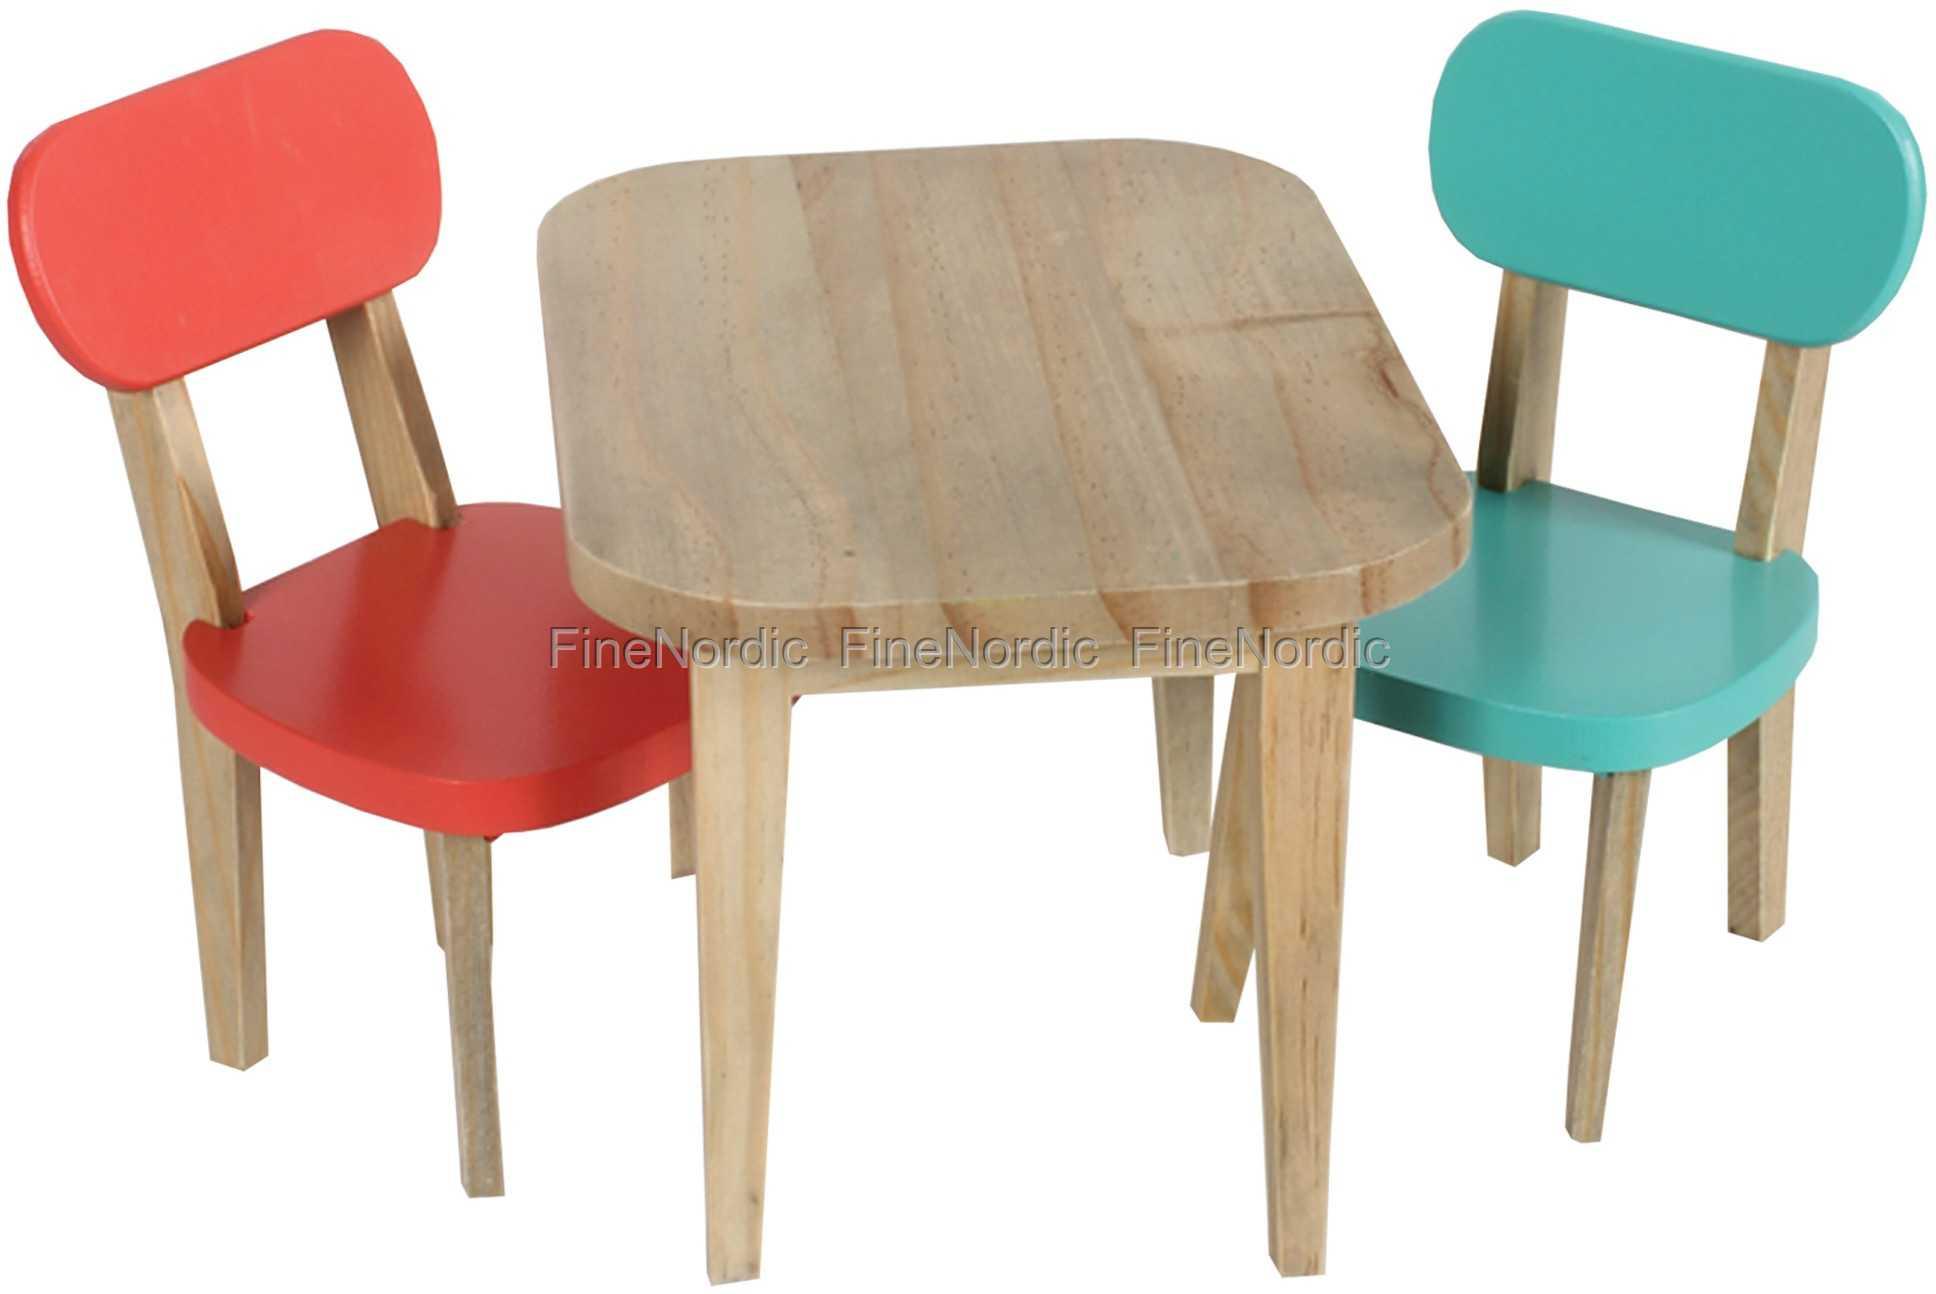 Stoel Voor Kind : Tafel stoel kind ikea extreem tafel met stoeltjes kind gp belbin